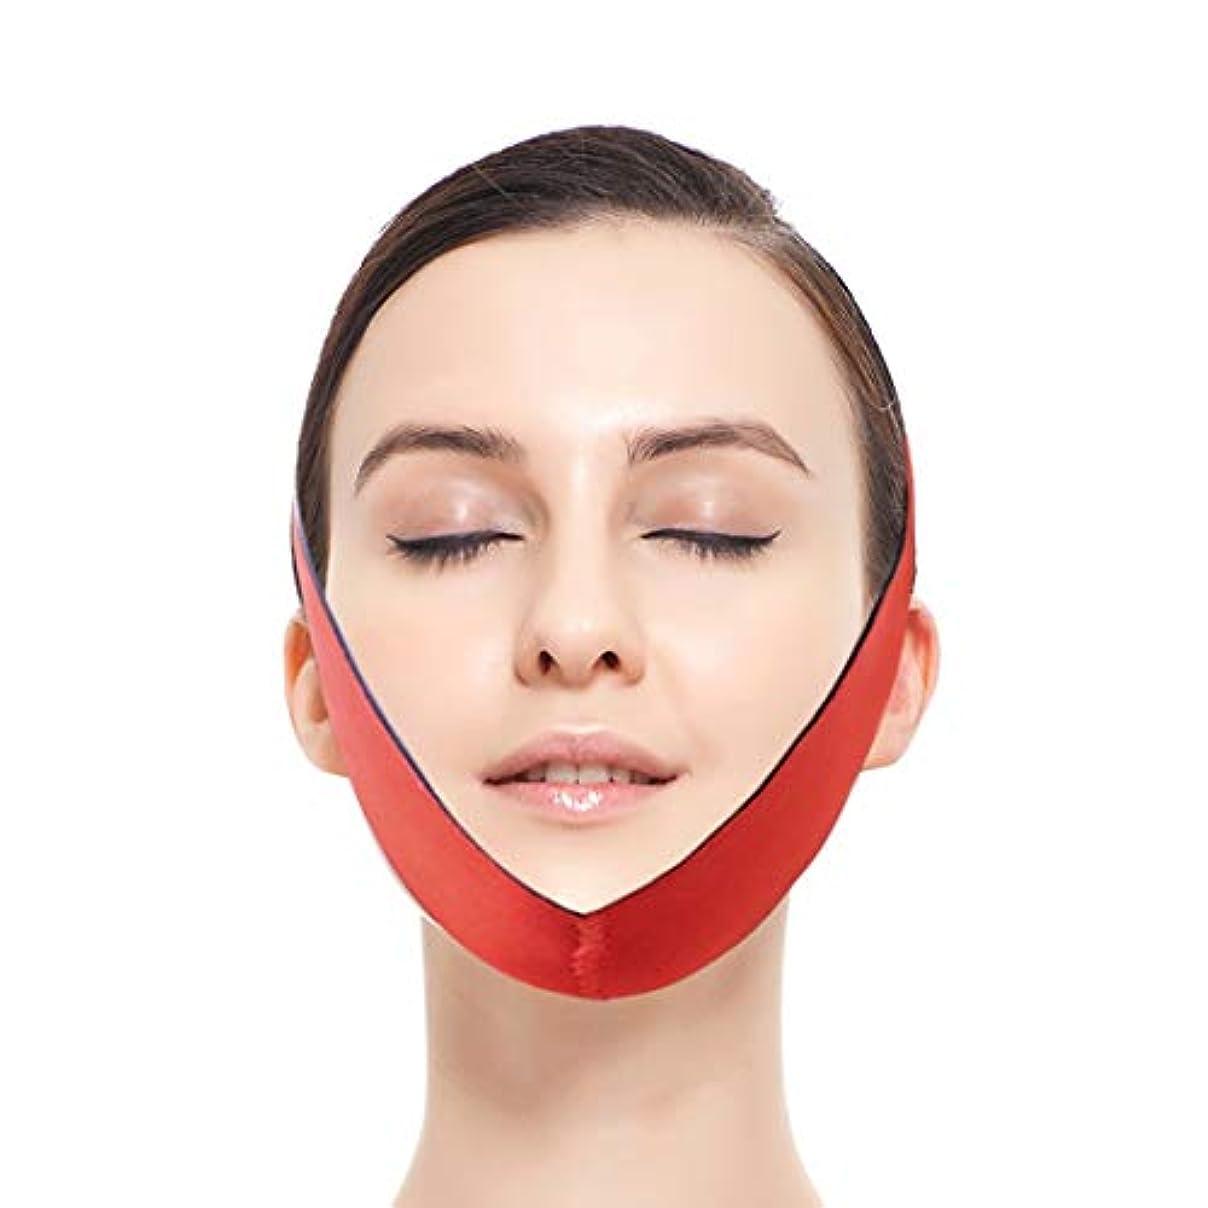 平野空白参照ZWBD フェイスマスク, 顔を持ち上げる包帯V顔リフティング引き締めの美しさ薄い顔包帯眠っている男性と女性と顎セット持ち上げタイトな睡眠